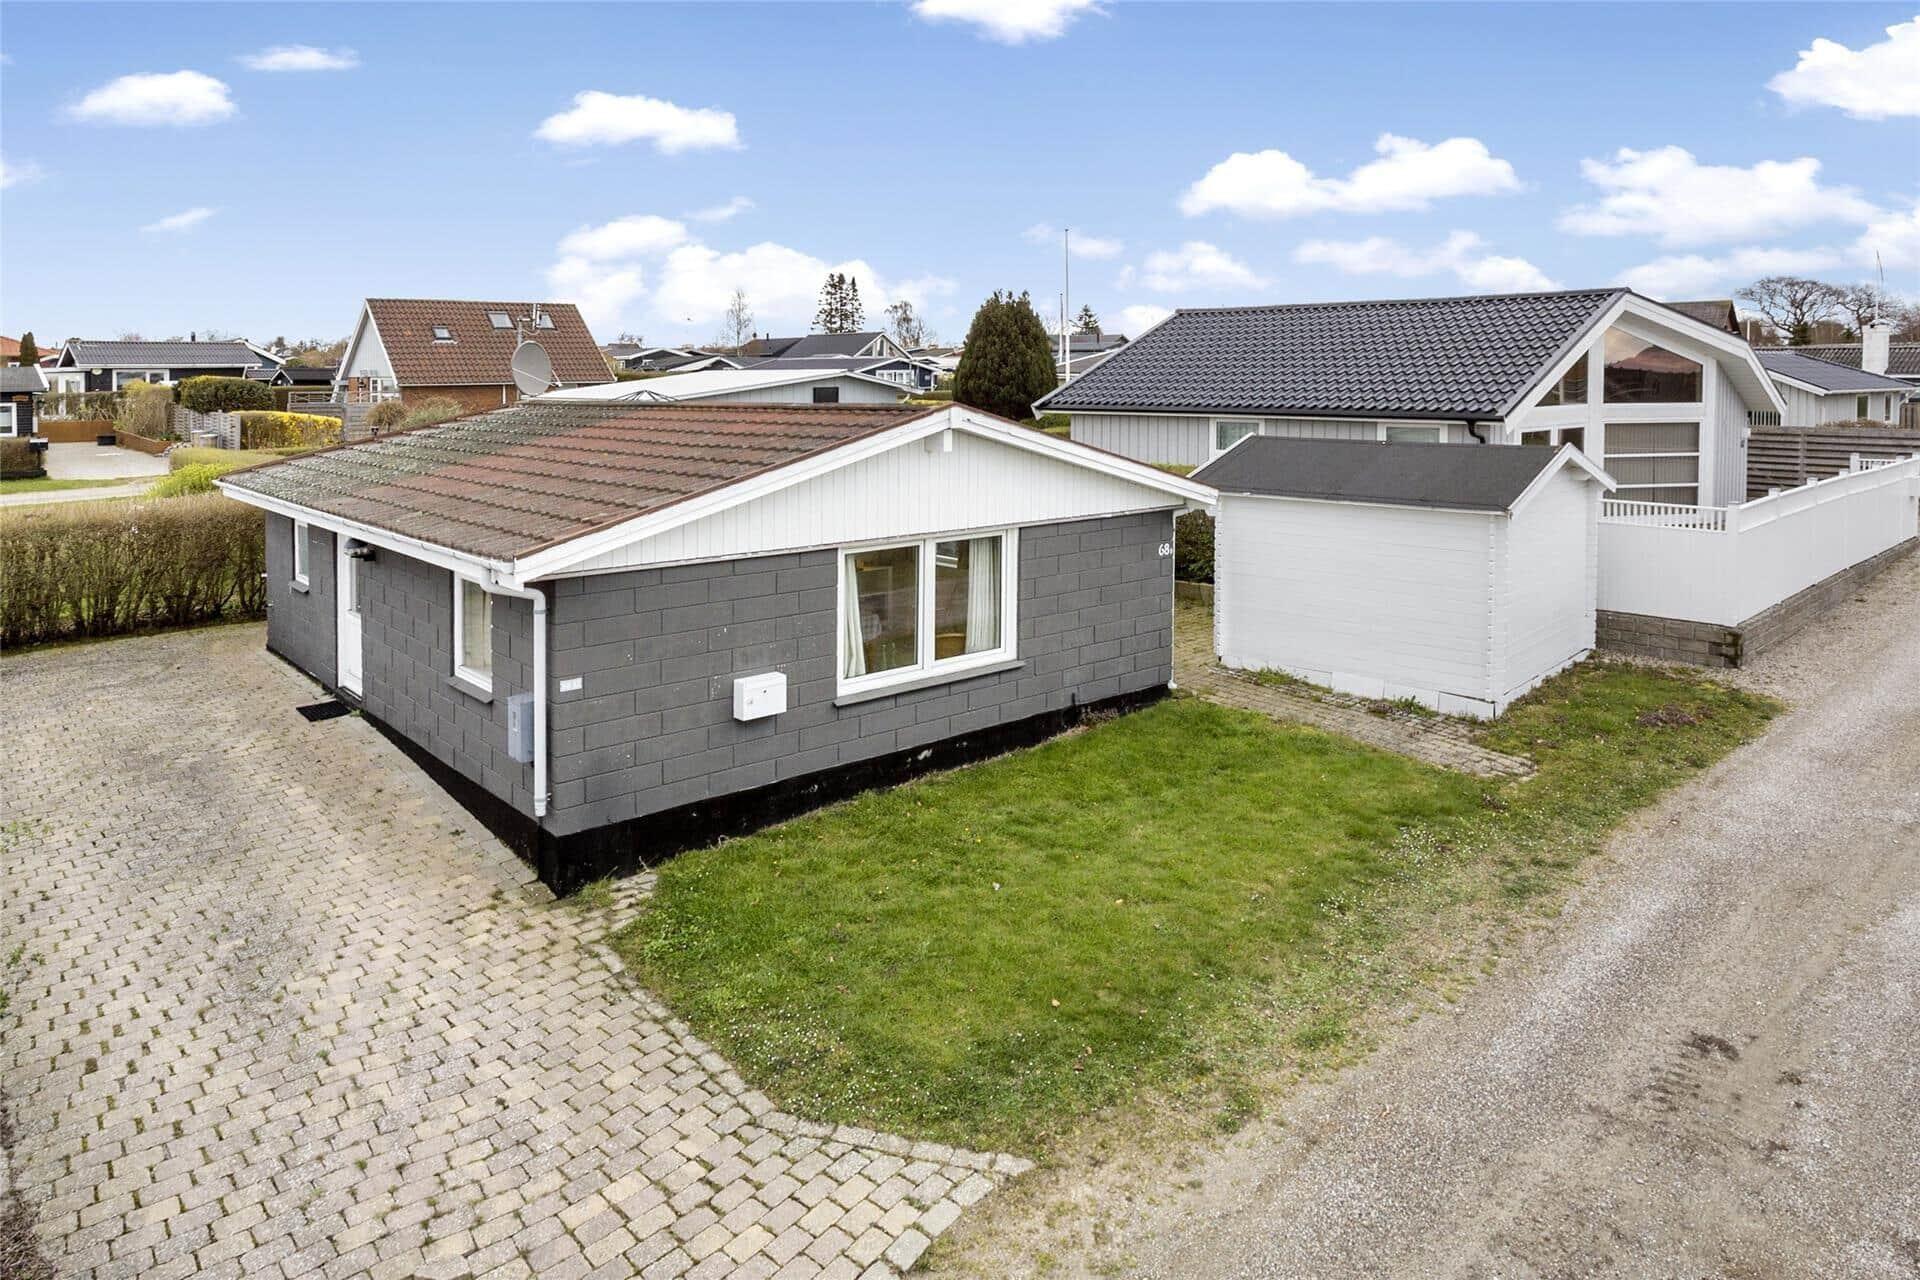 Billede 1-6 Sommerhus N103, Arnesvej 68, DK - 4736 Karrebæksminde